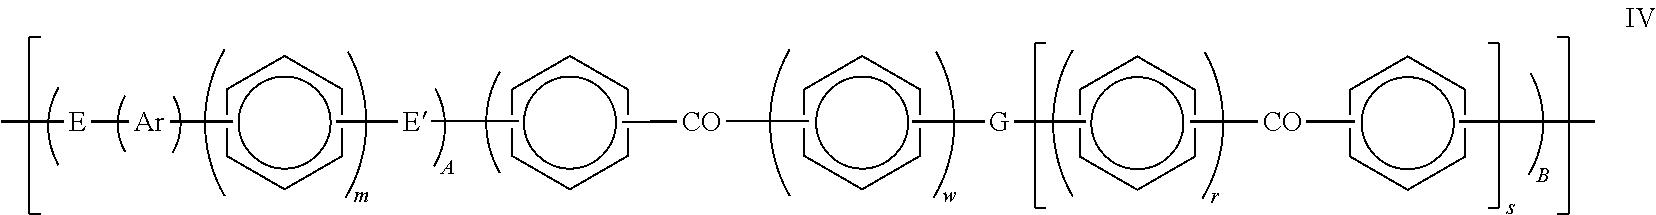 Figure US20110151259A1-20110623-C00001